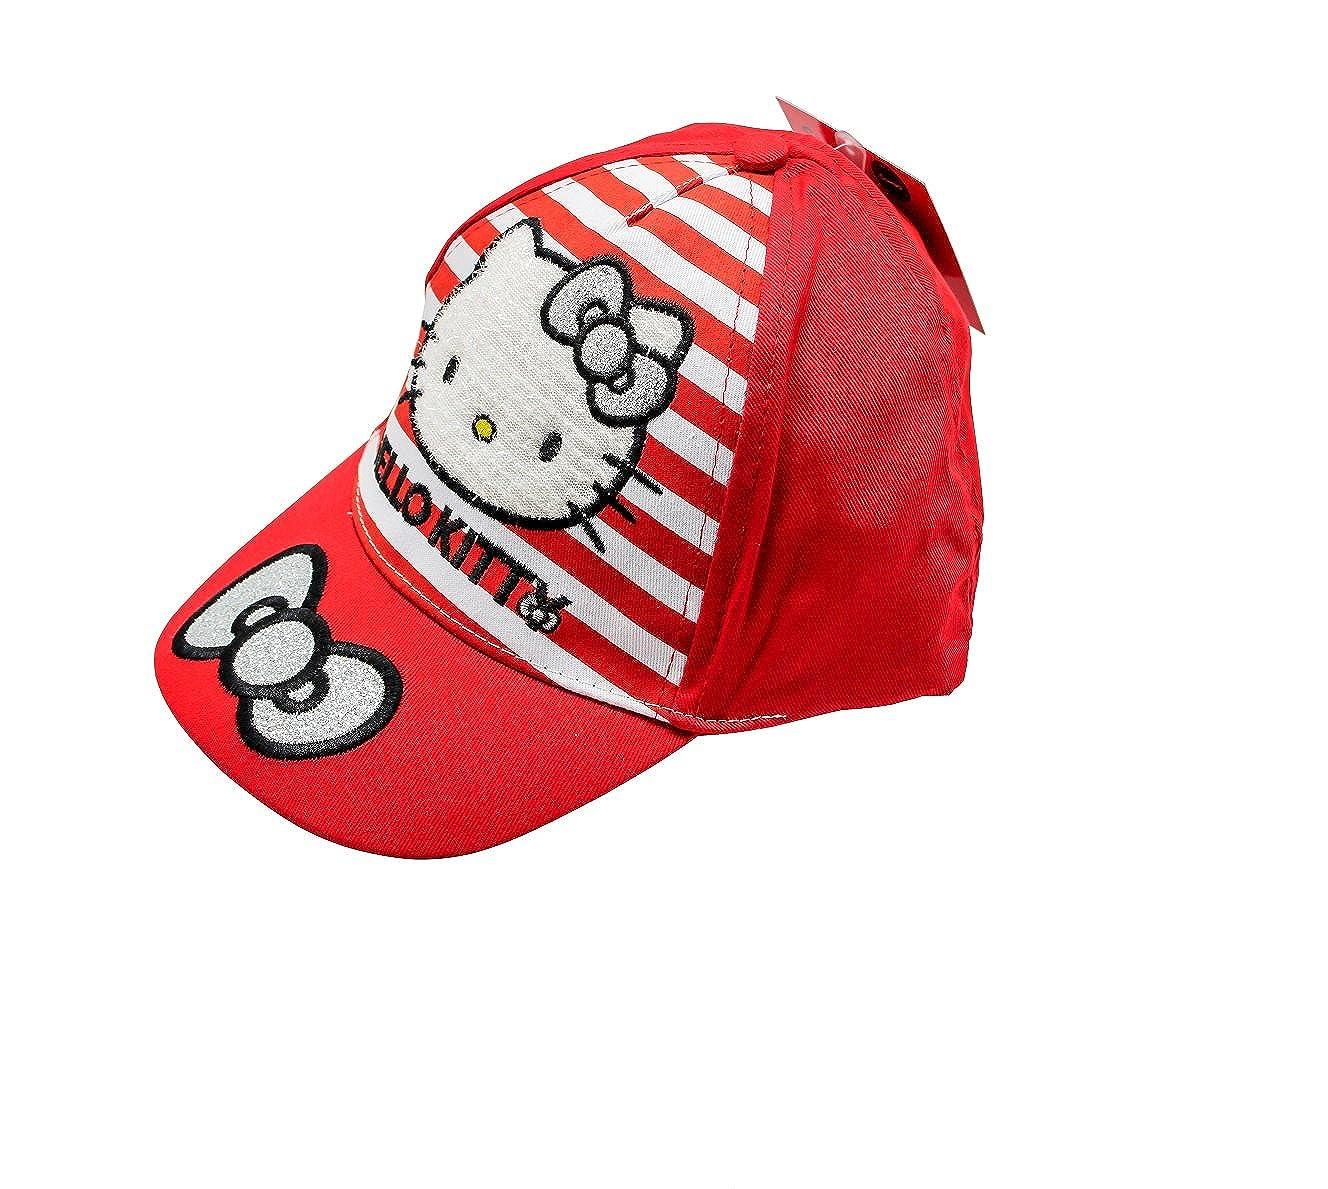 M/ädchen Baseball Cap Hello Kitty Sun City Kappe Schirmm/ütze f/ür Kinder 100/% Baumwolle mit Klettverschluss verstellbar